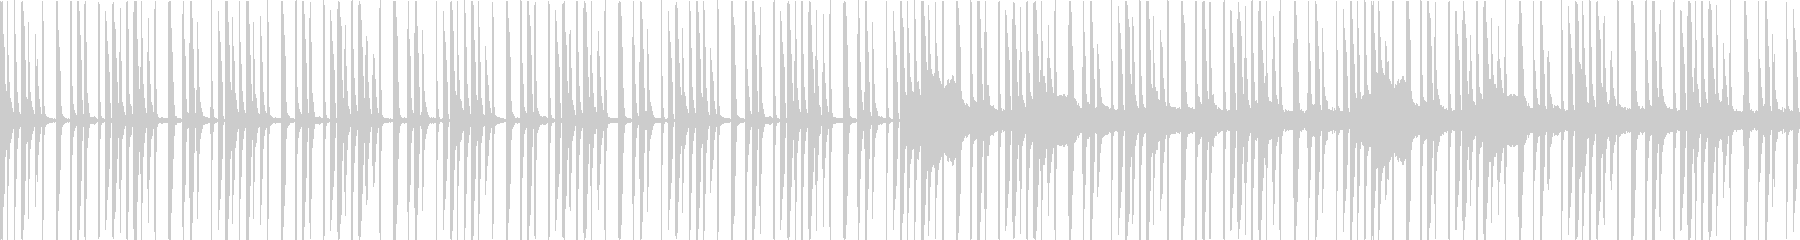 森・ゲーム・ループ・不思議・切ないの未再生の波形